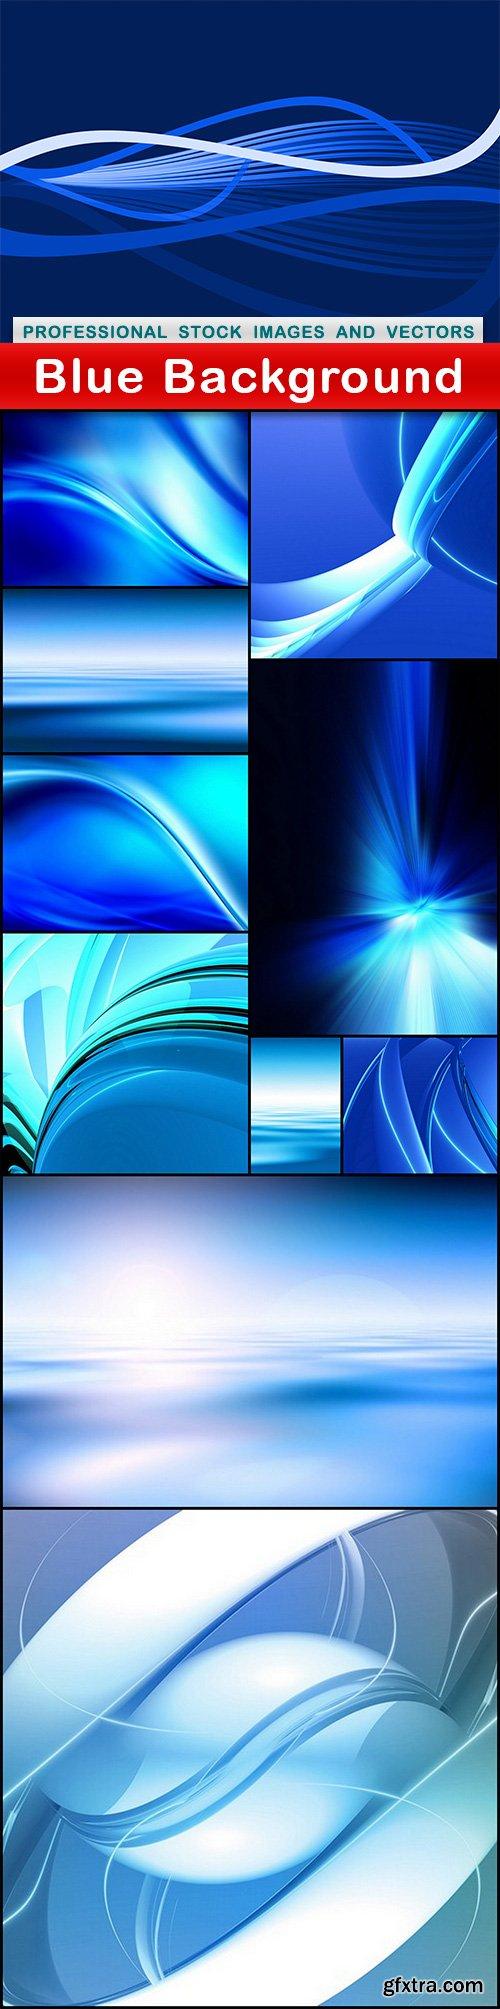 Blue Background - 11 UHQ JPEG